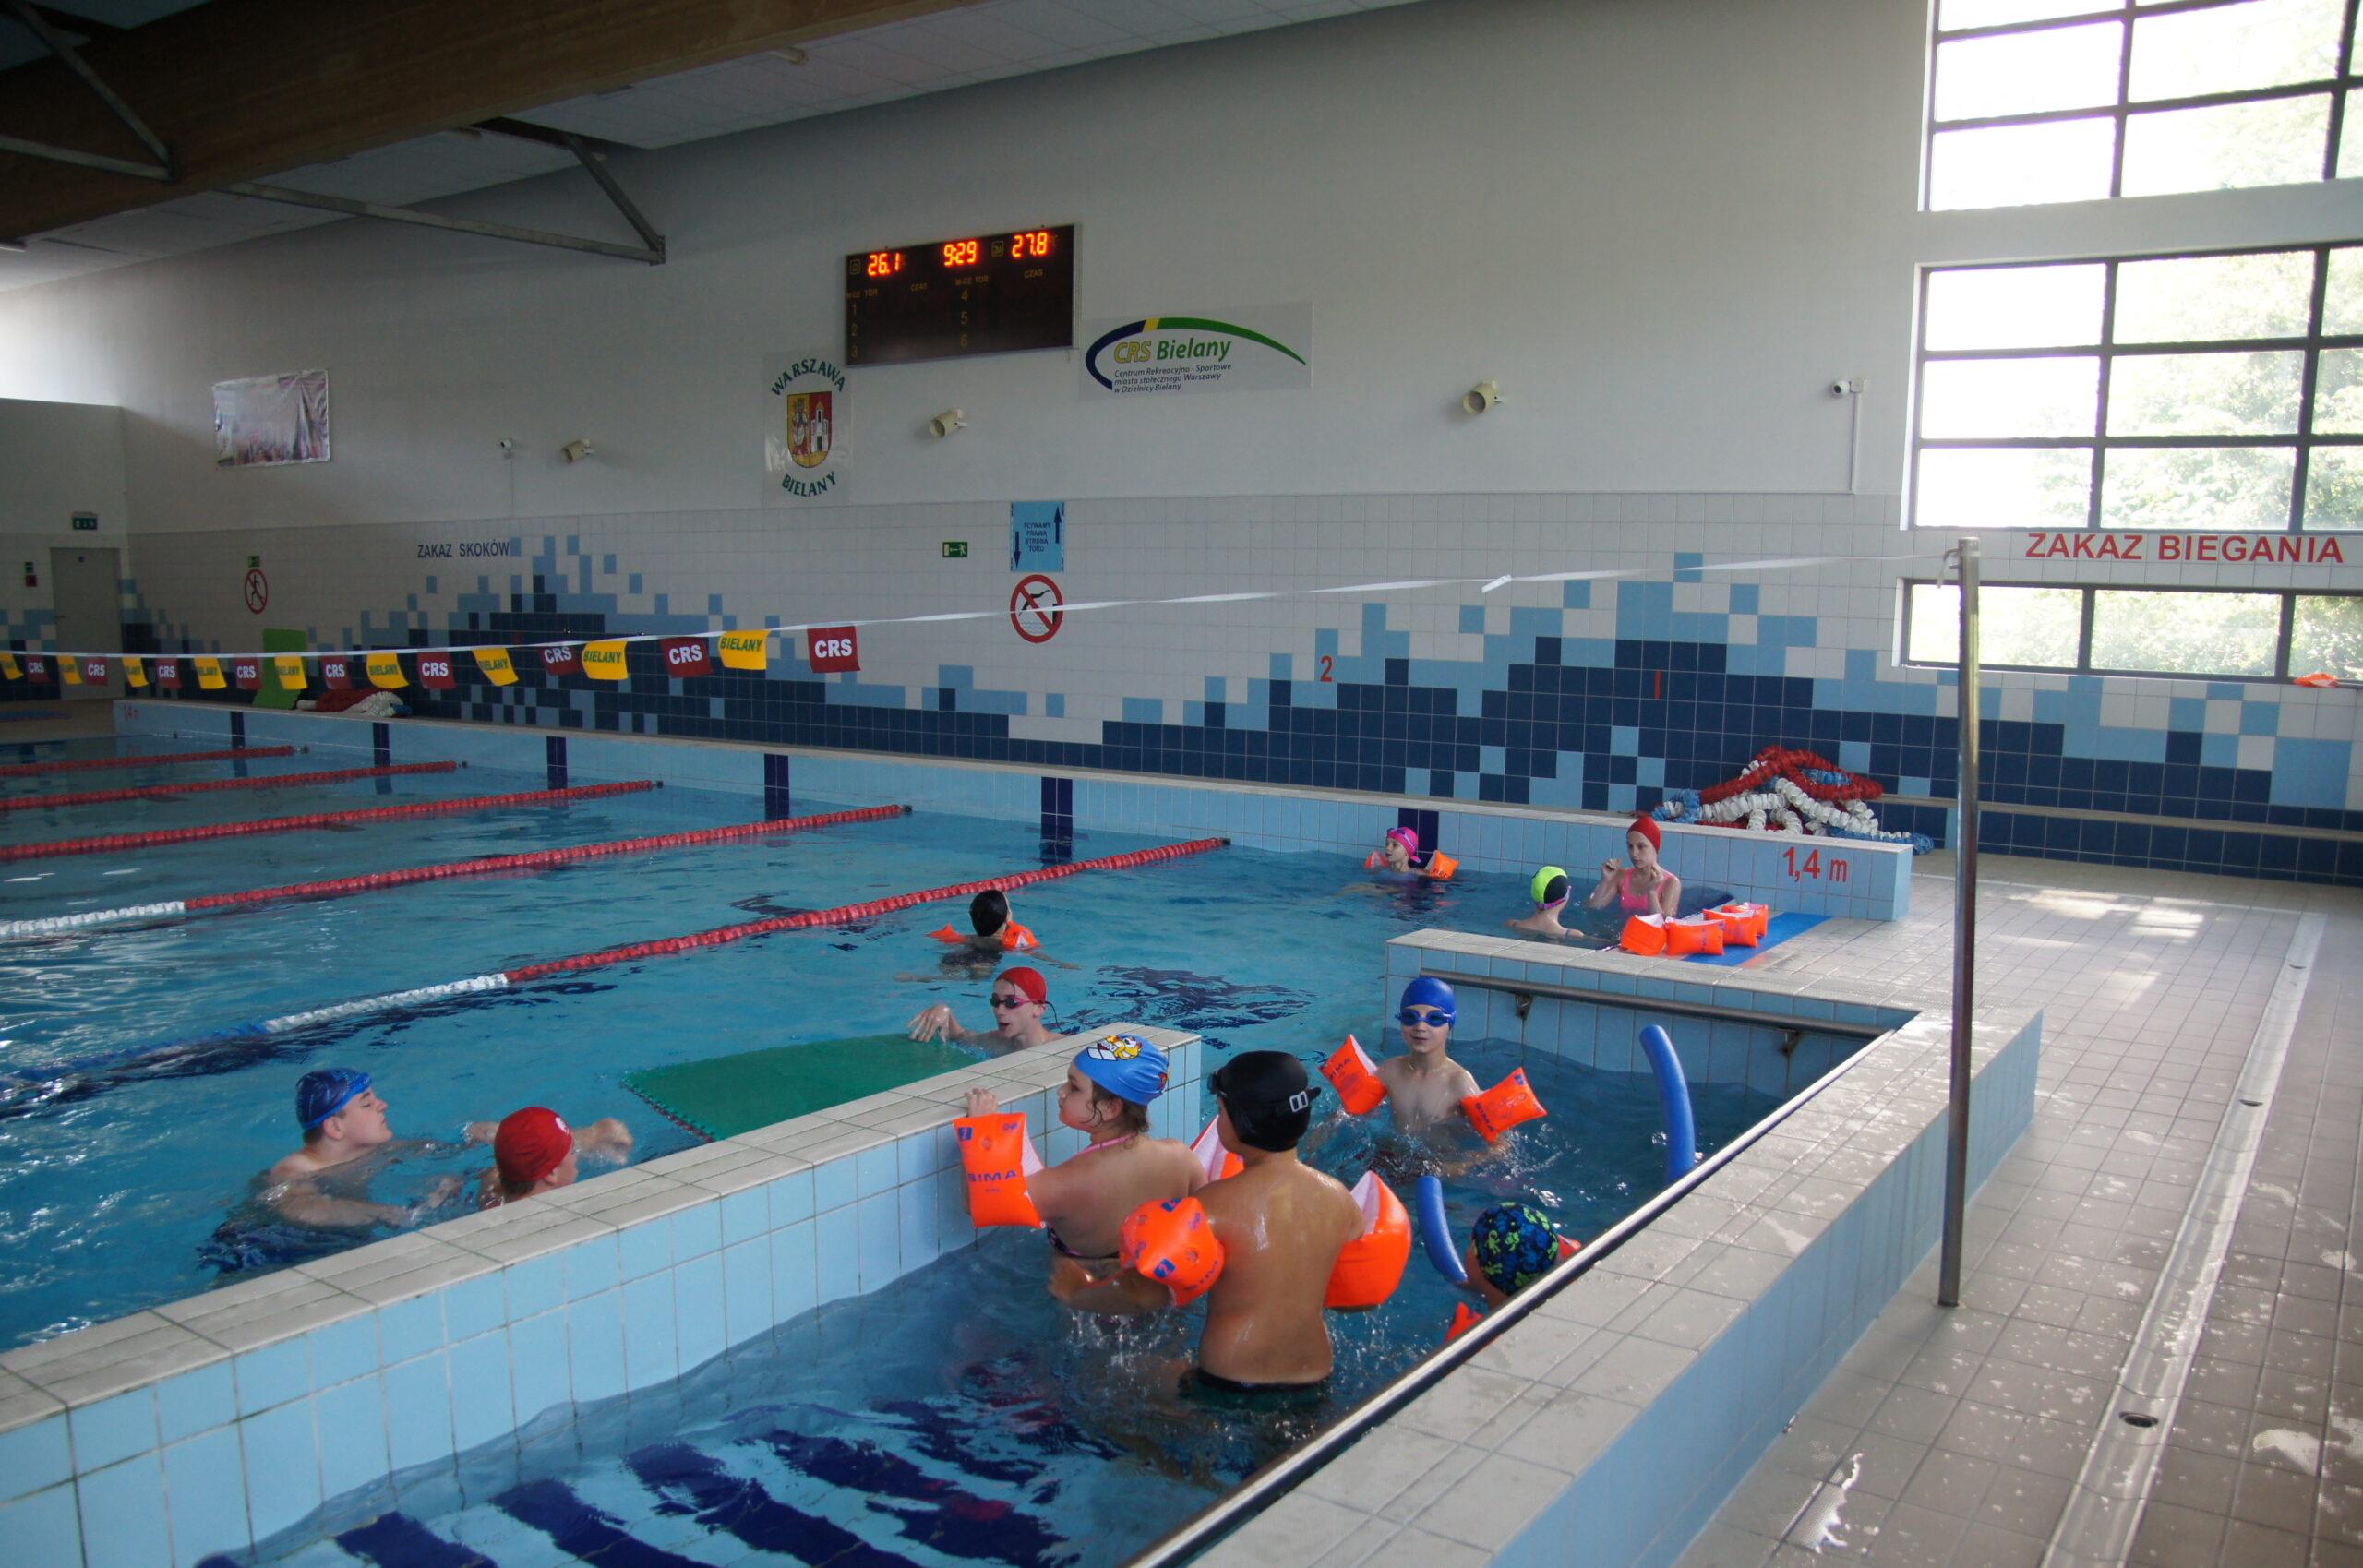 Grupa pływających dzieci na pływalni.